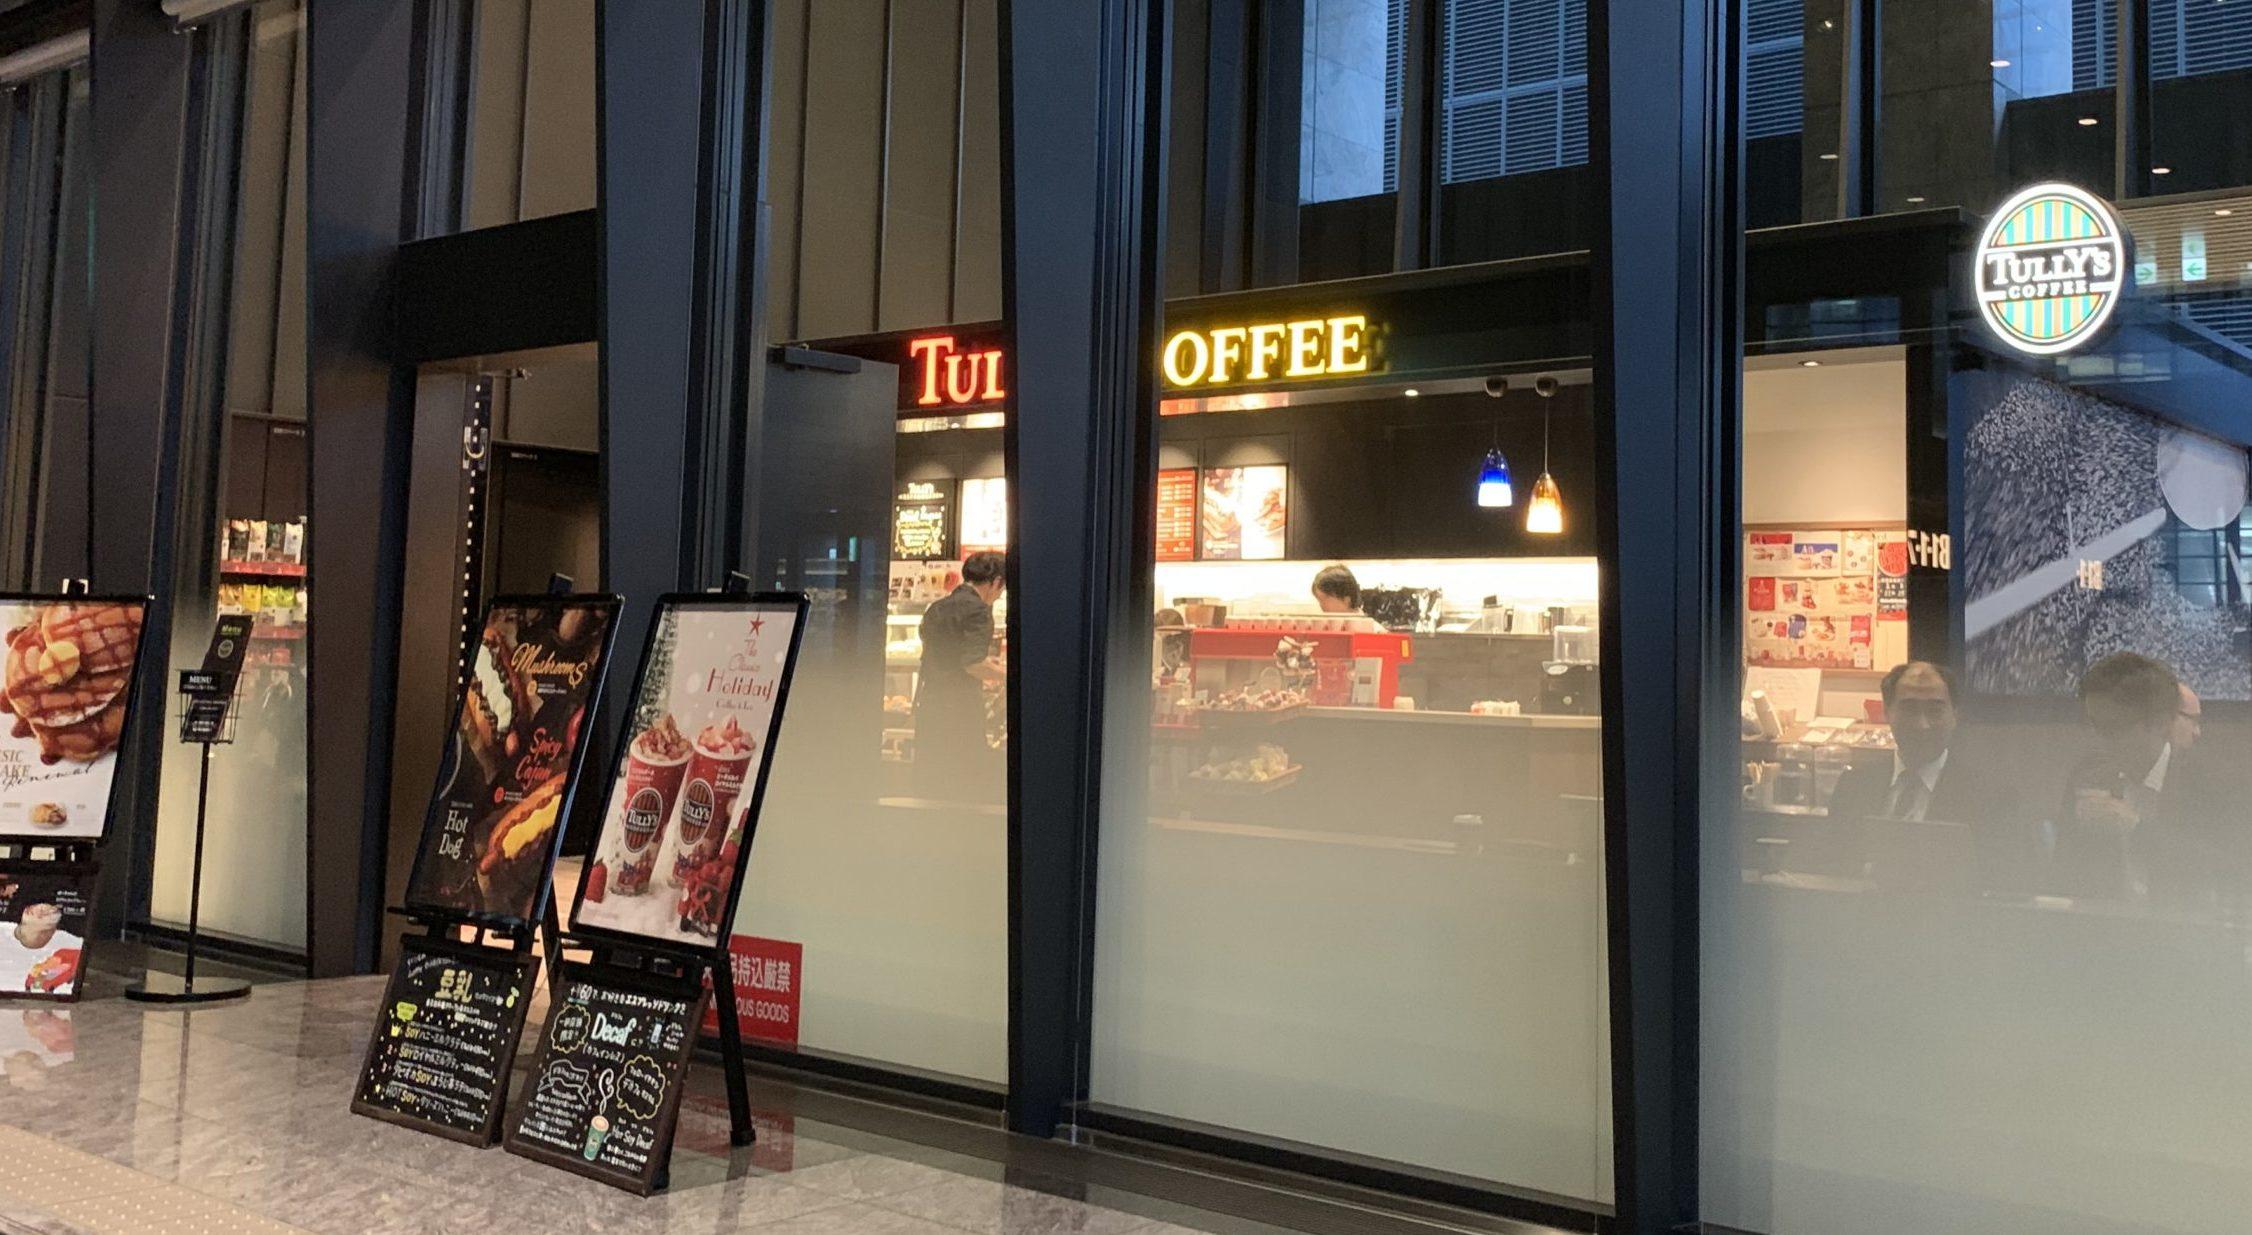 日本橋駅B6,B8 電源カフェ タリーズコーヒー 東京日本橋タワー7階店 Wi-Fi